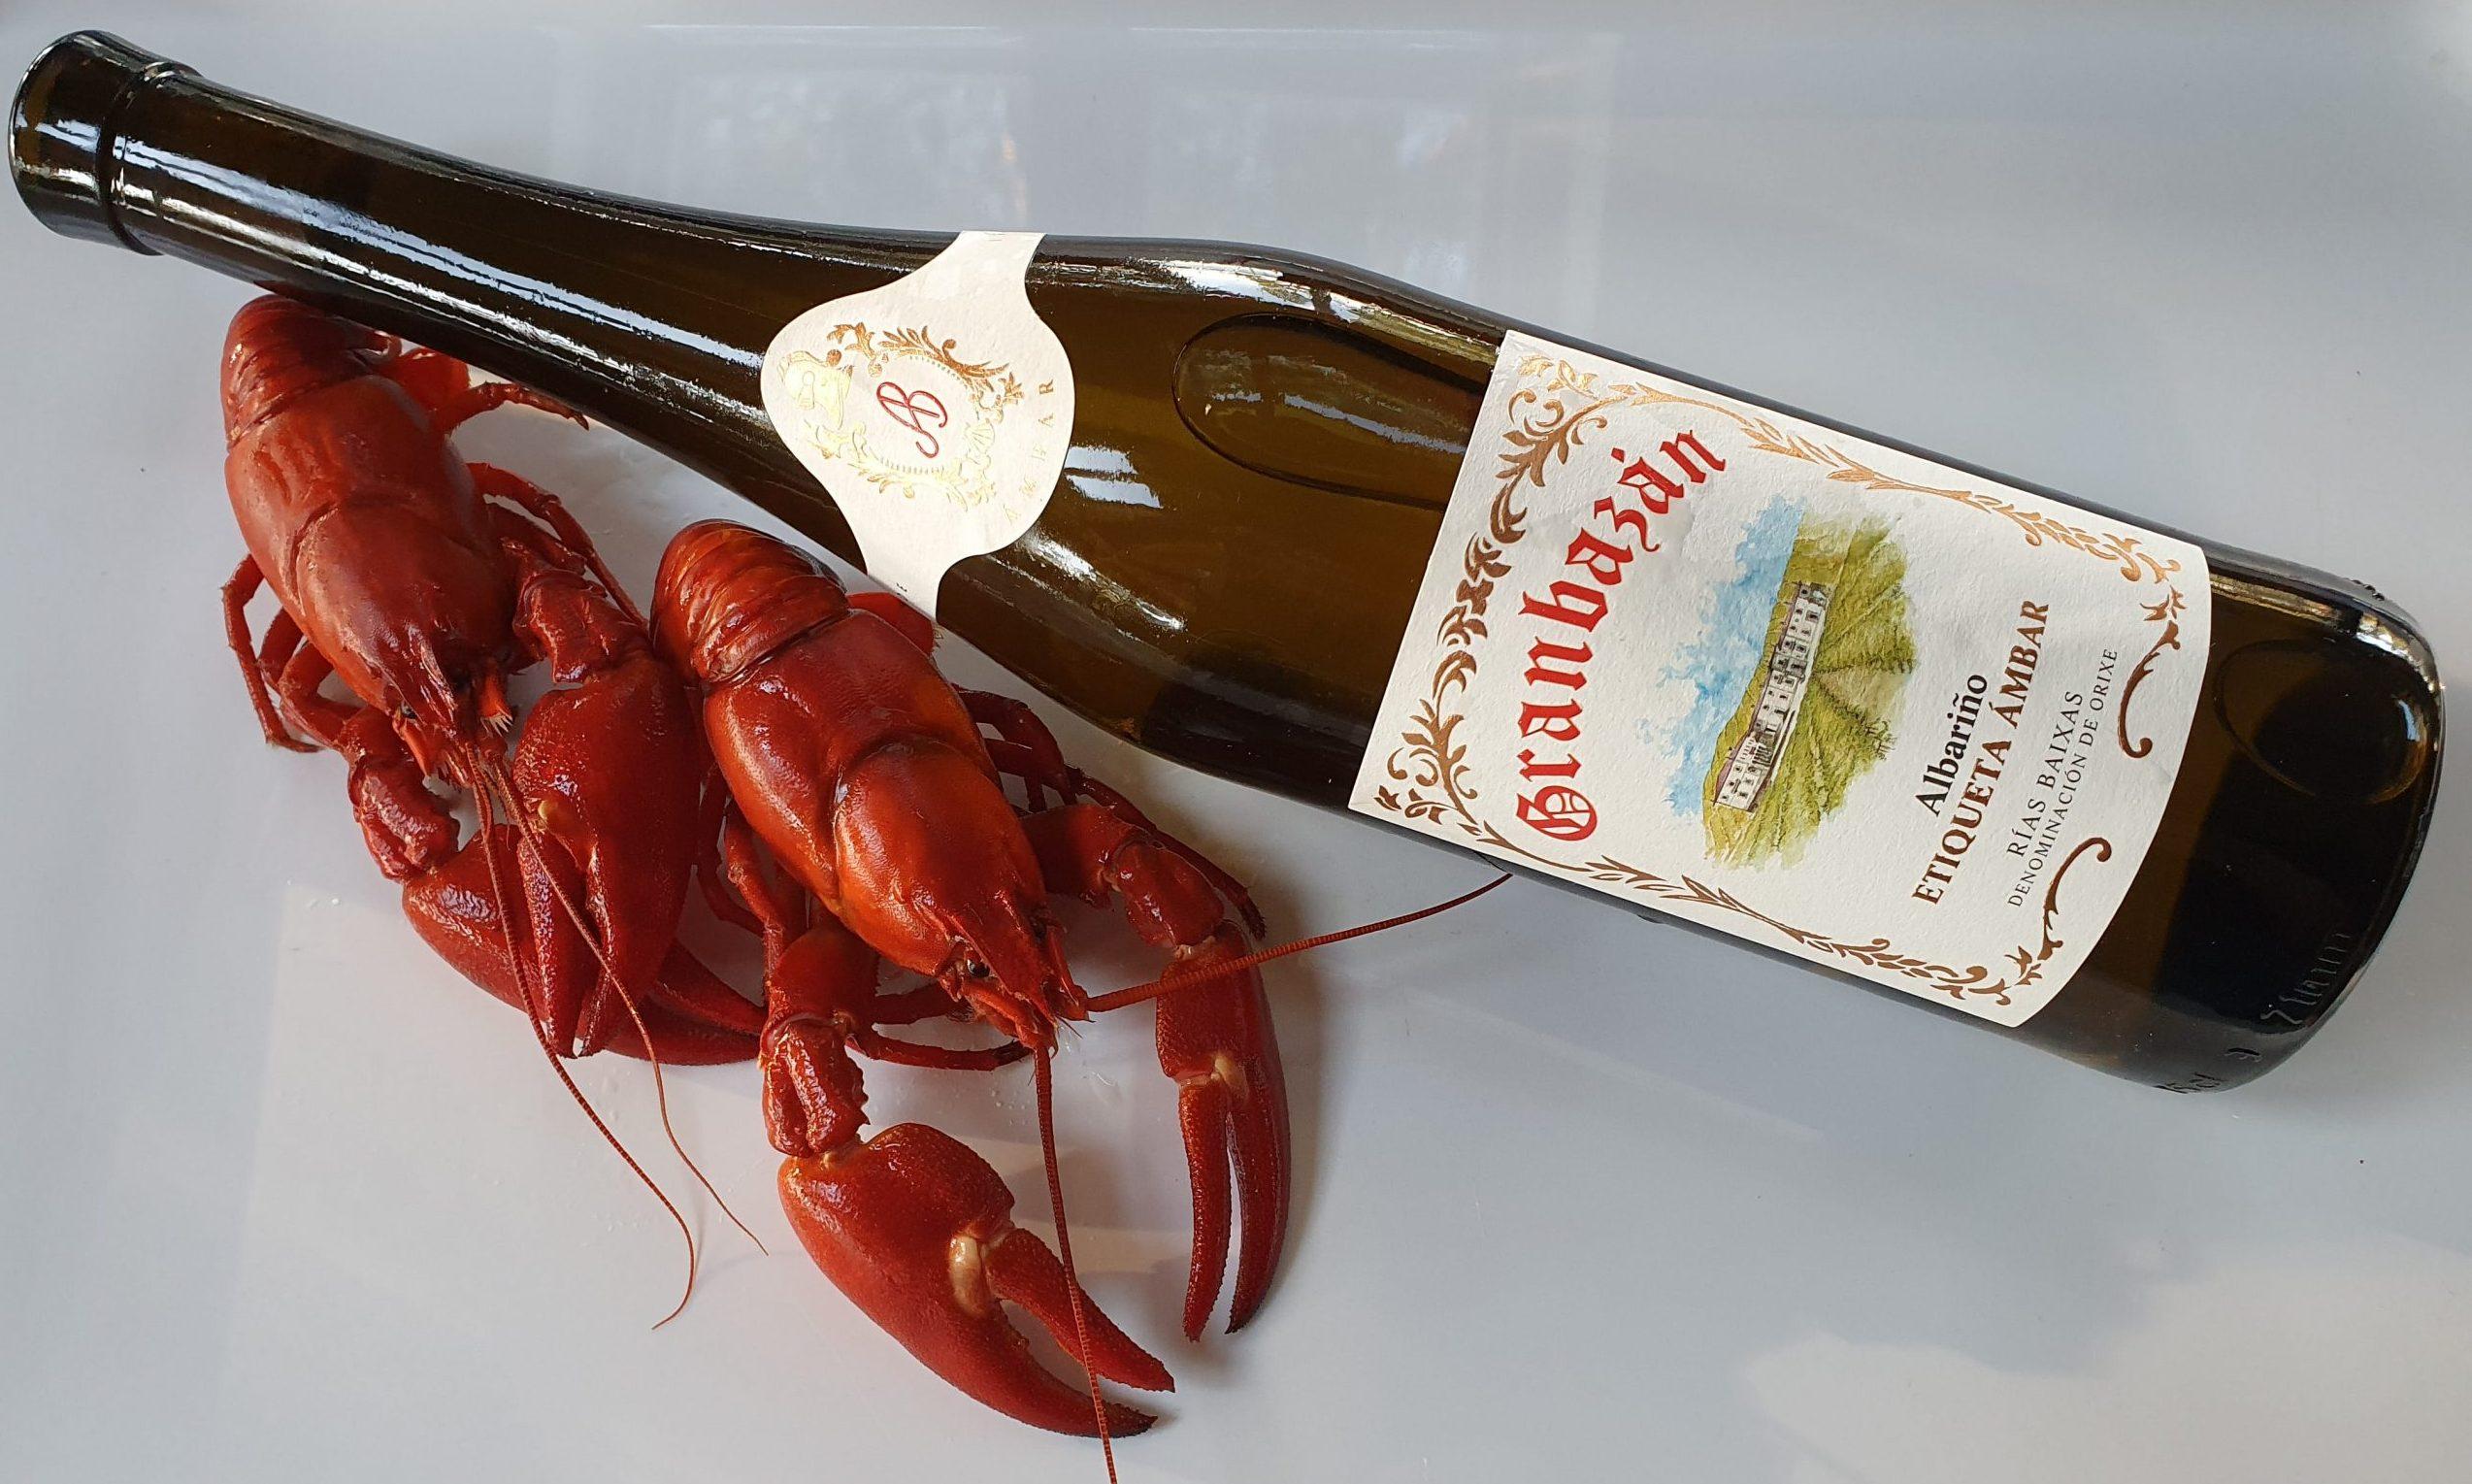 Viiniateljeen viinisuositukset: valkoviinit kesäiseen kala- ja äyriäispöytään